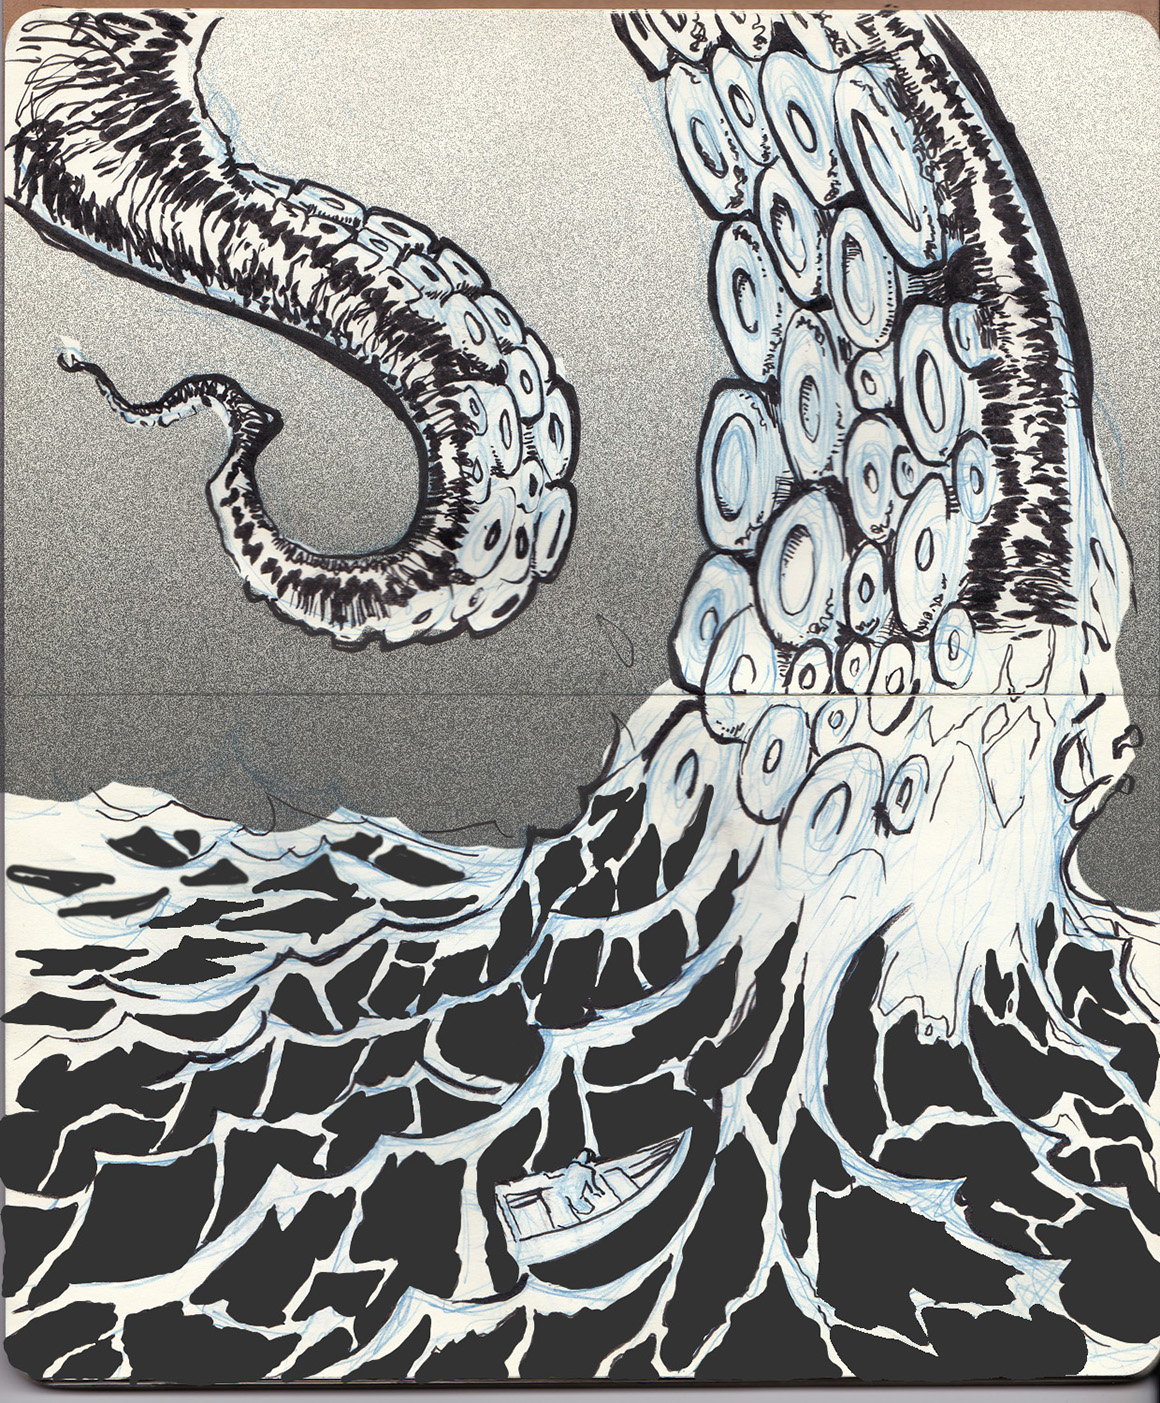 kraken02